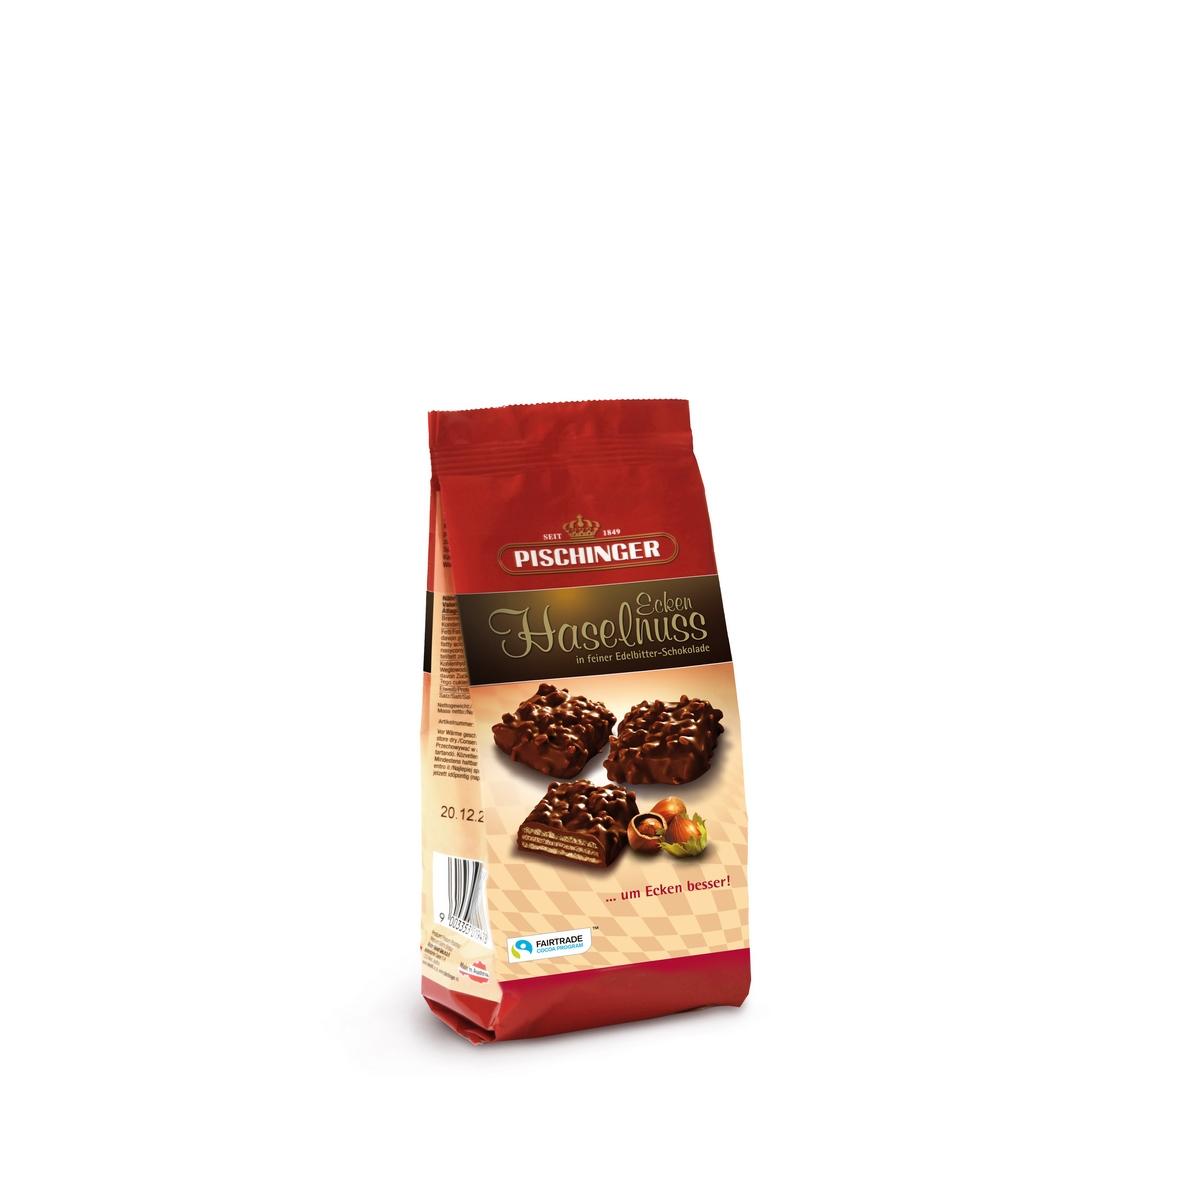 Вафли с ореховой начинкой в темном шоколаде Pischinger